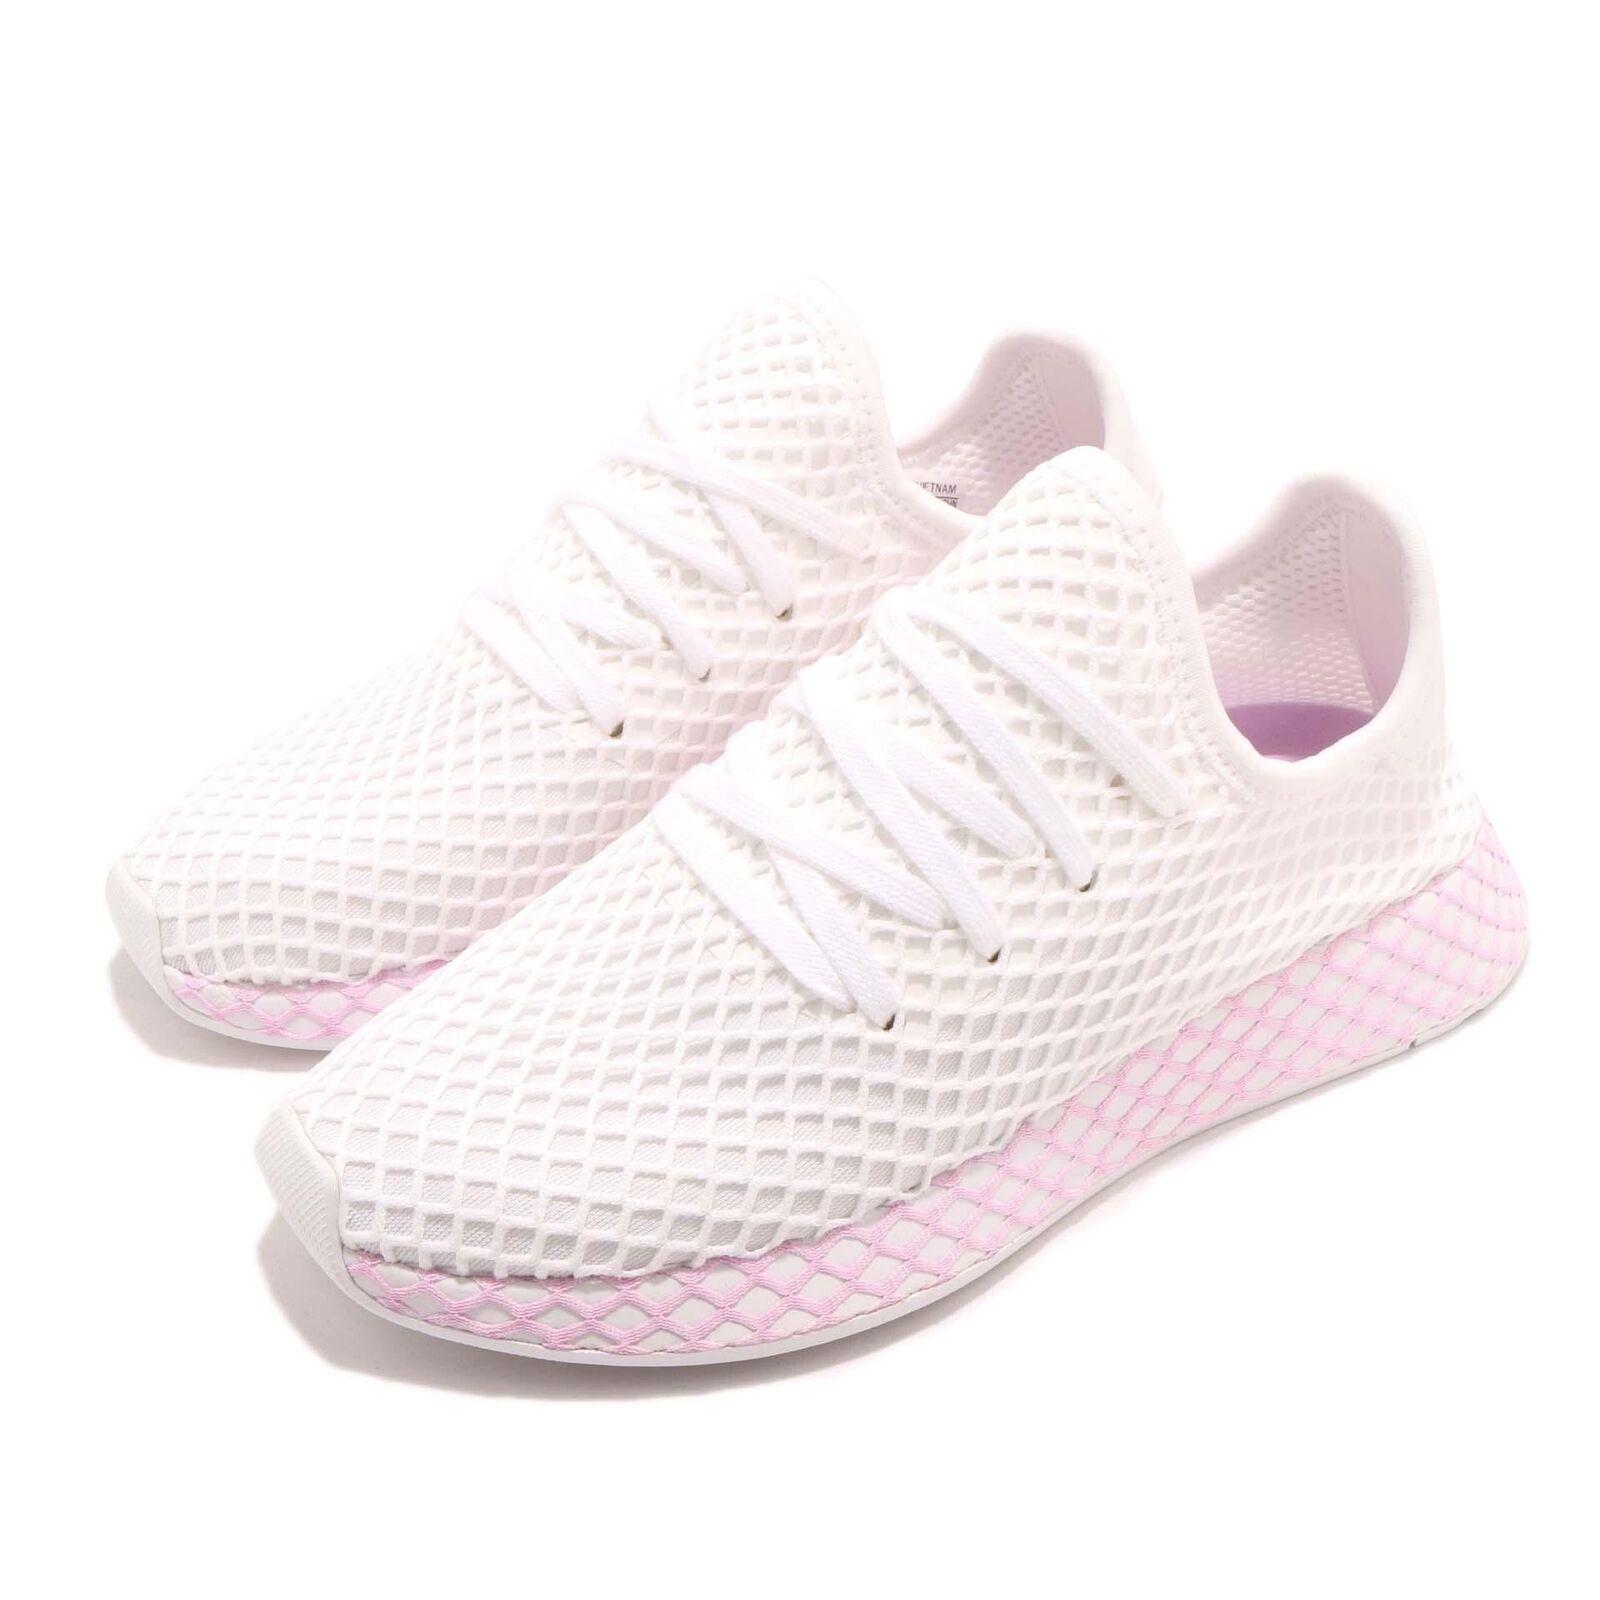 adidas Originals Deerupt W Runner Blanc Lilac Femme Running Chaussures Sneaker B37601